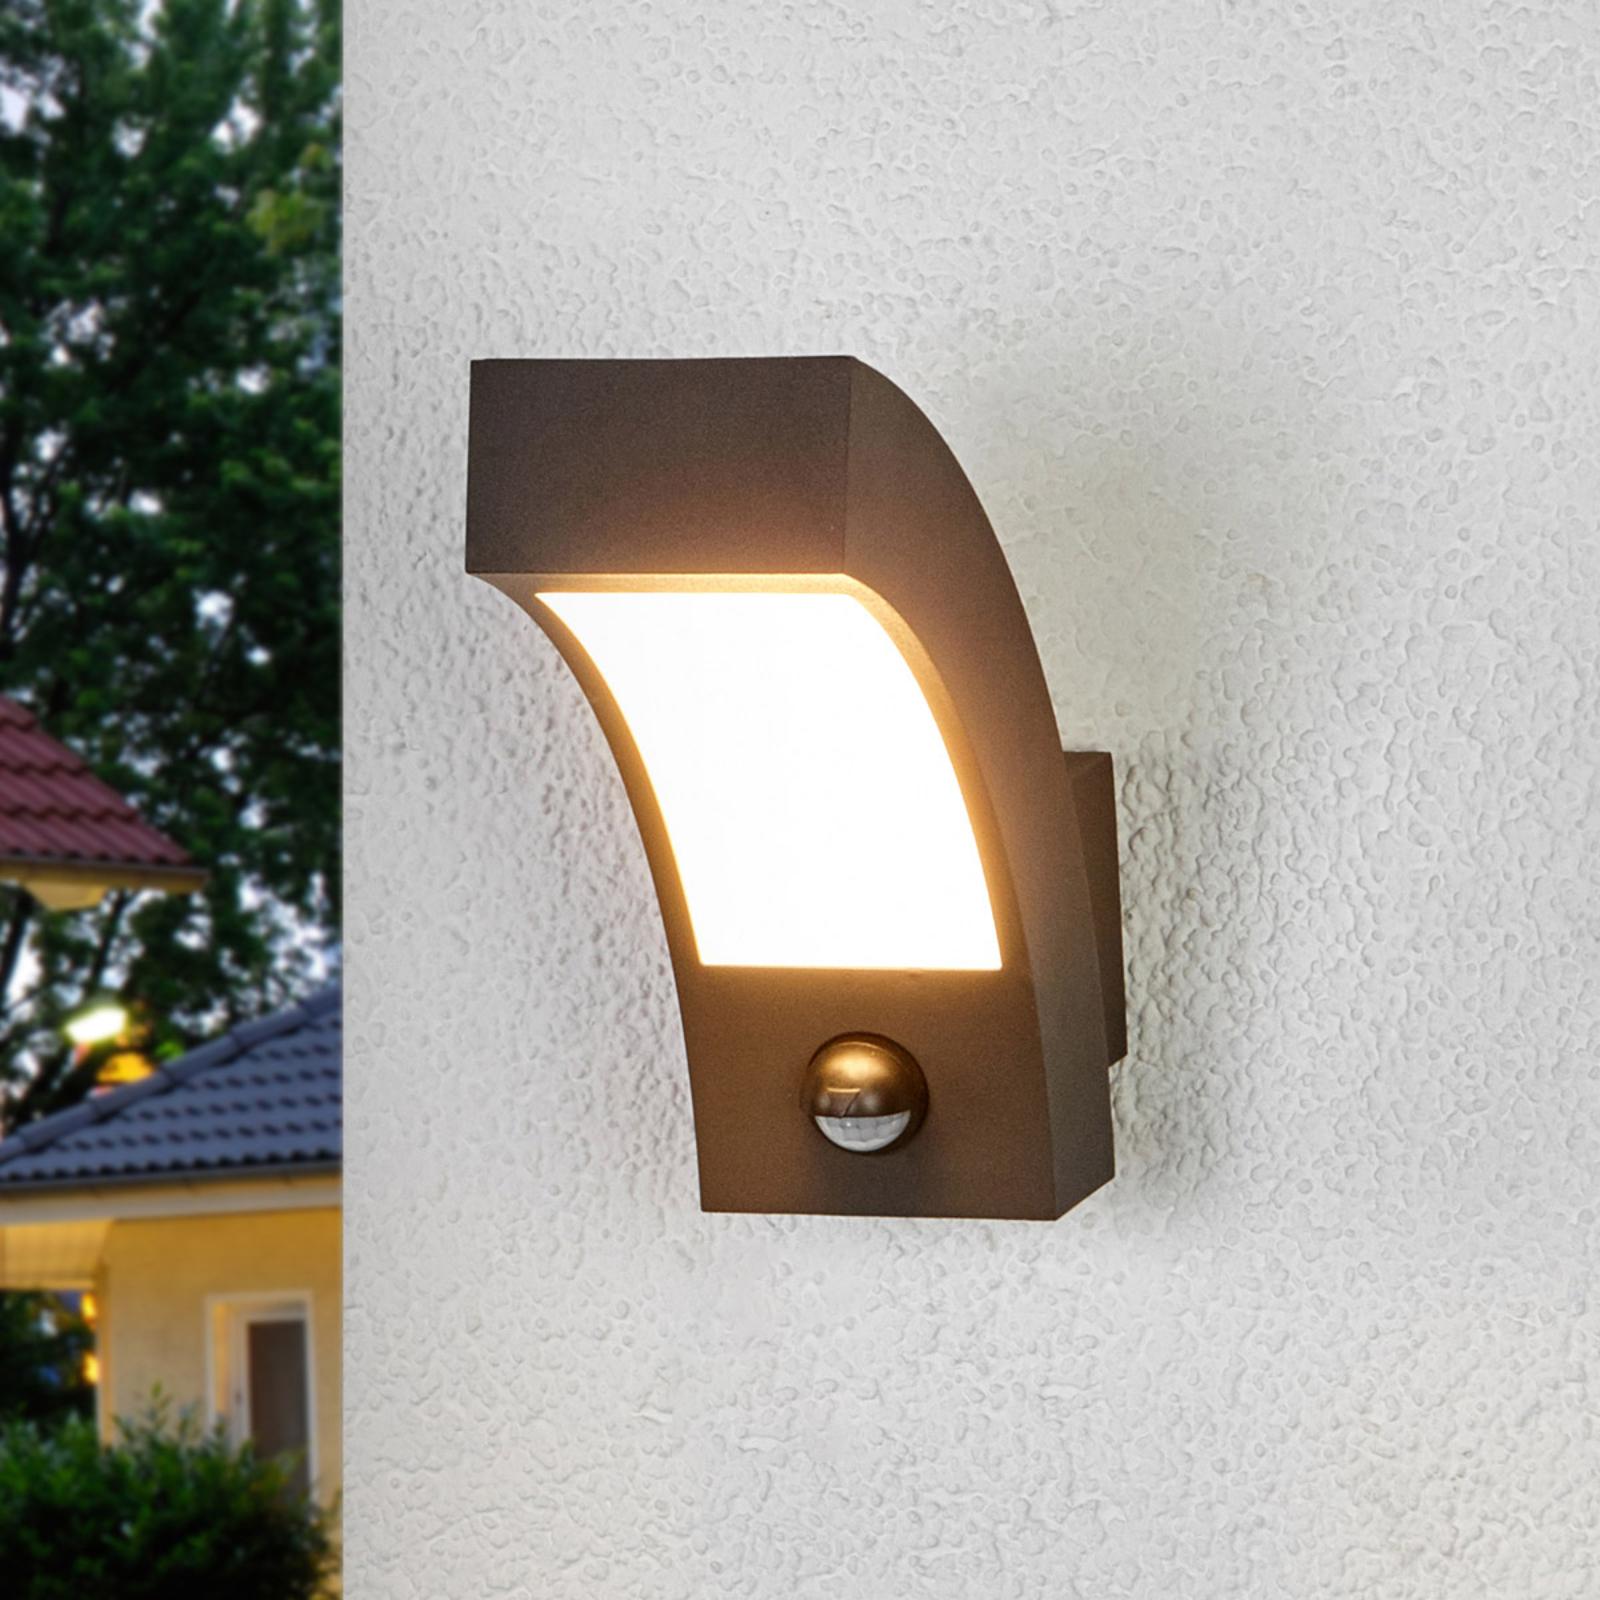 Lampa ścienna LED LENNIK z czujnikiem ruchu